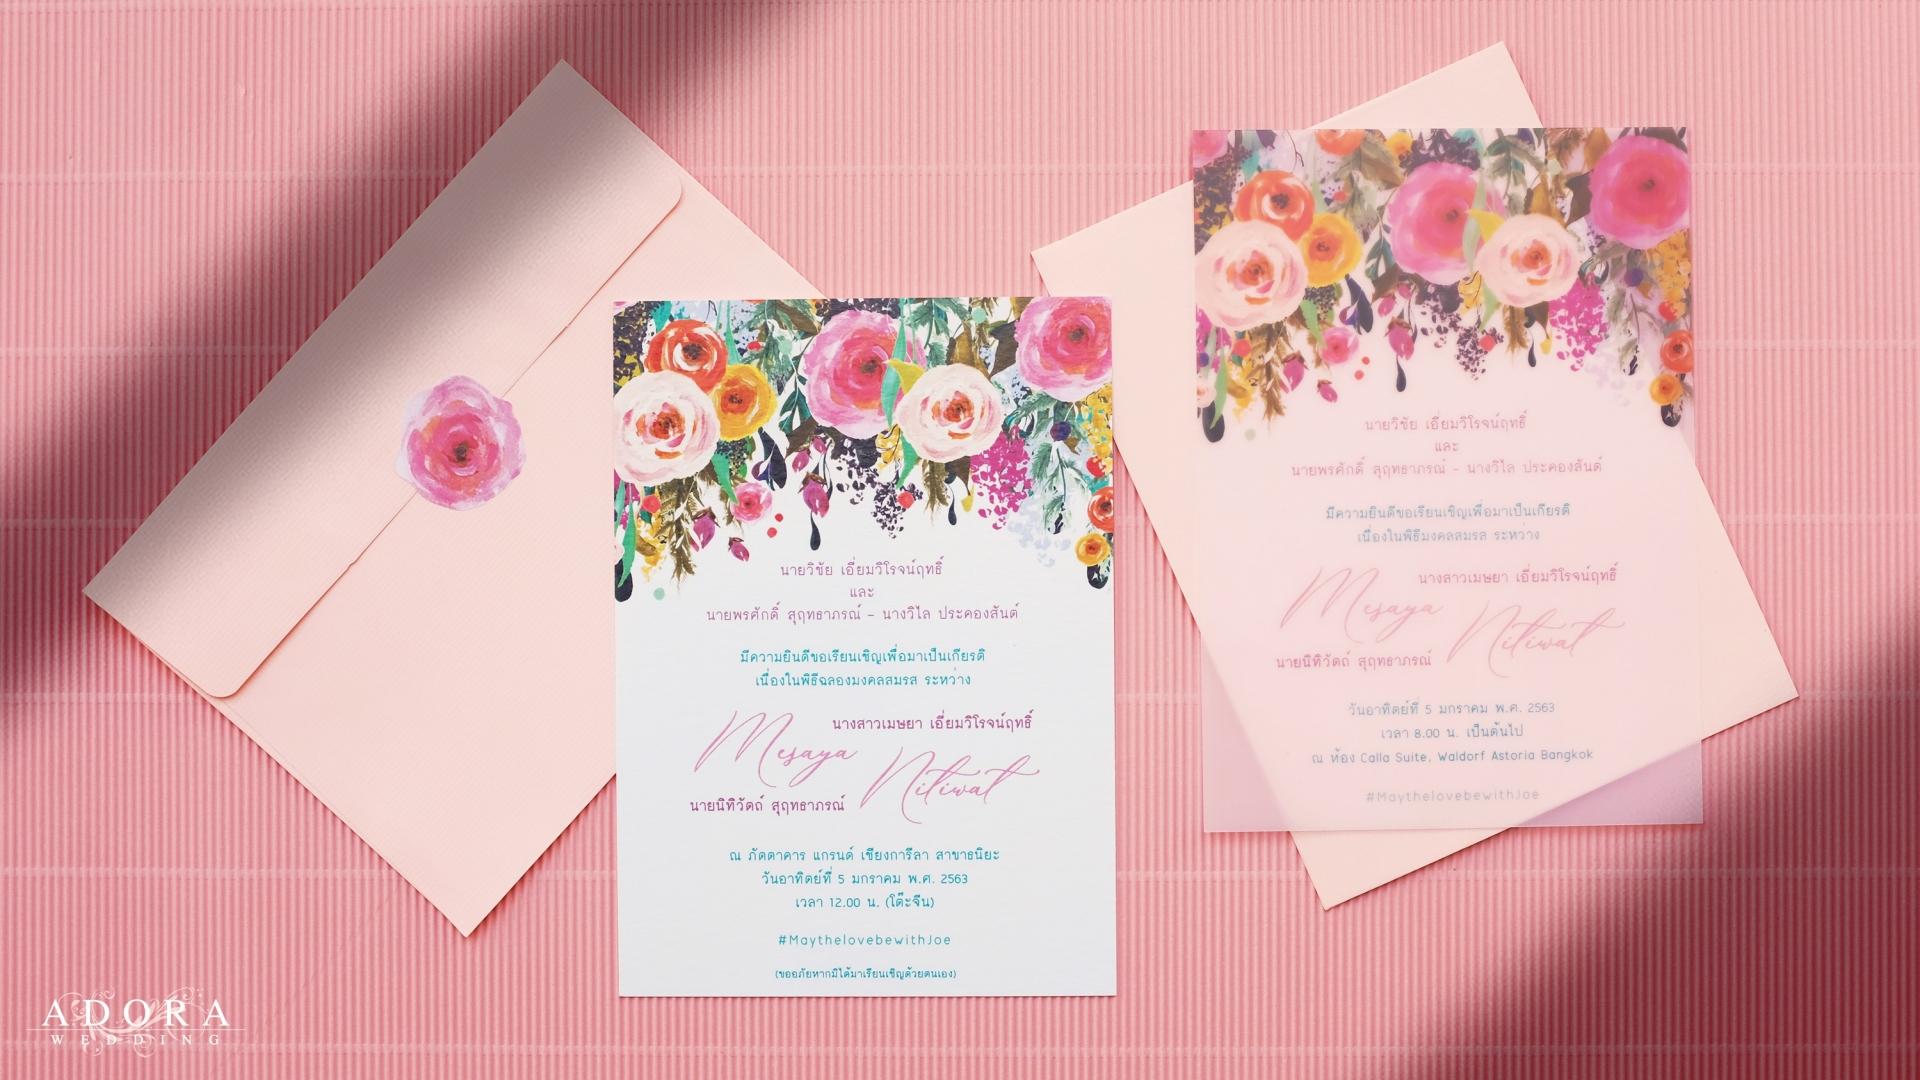 B133LM-wedding-card-1